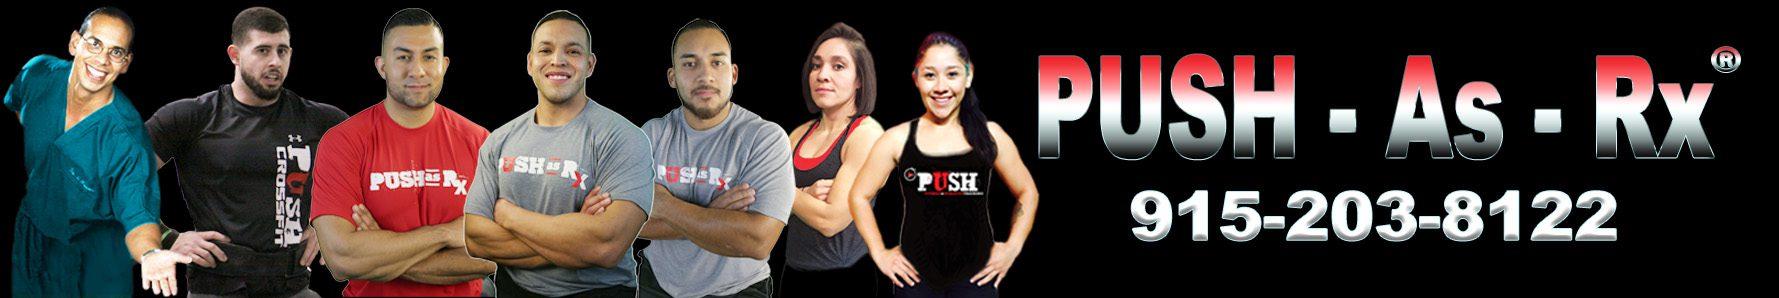 Push as Rx Logo 1789x298_04